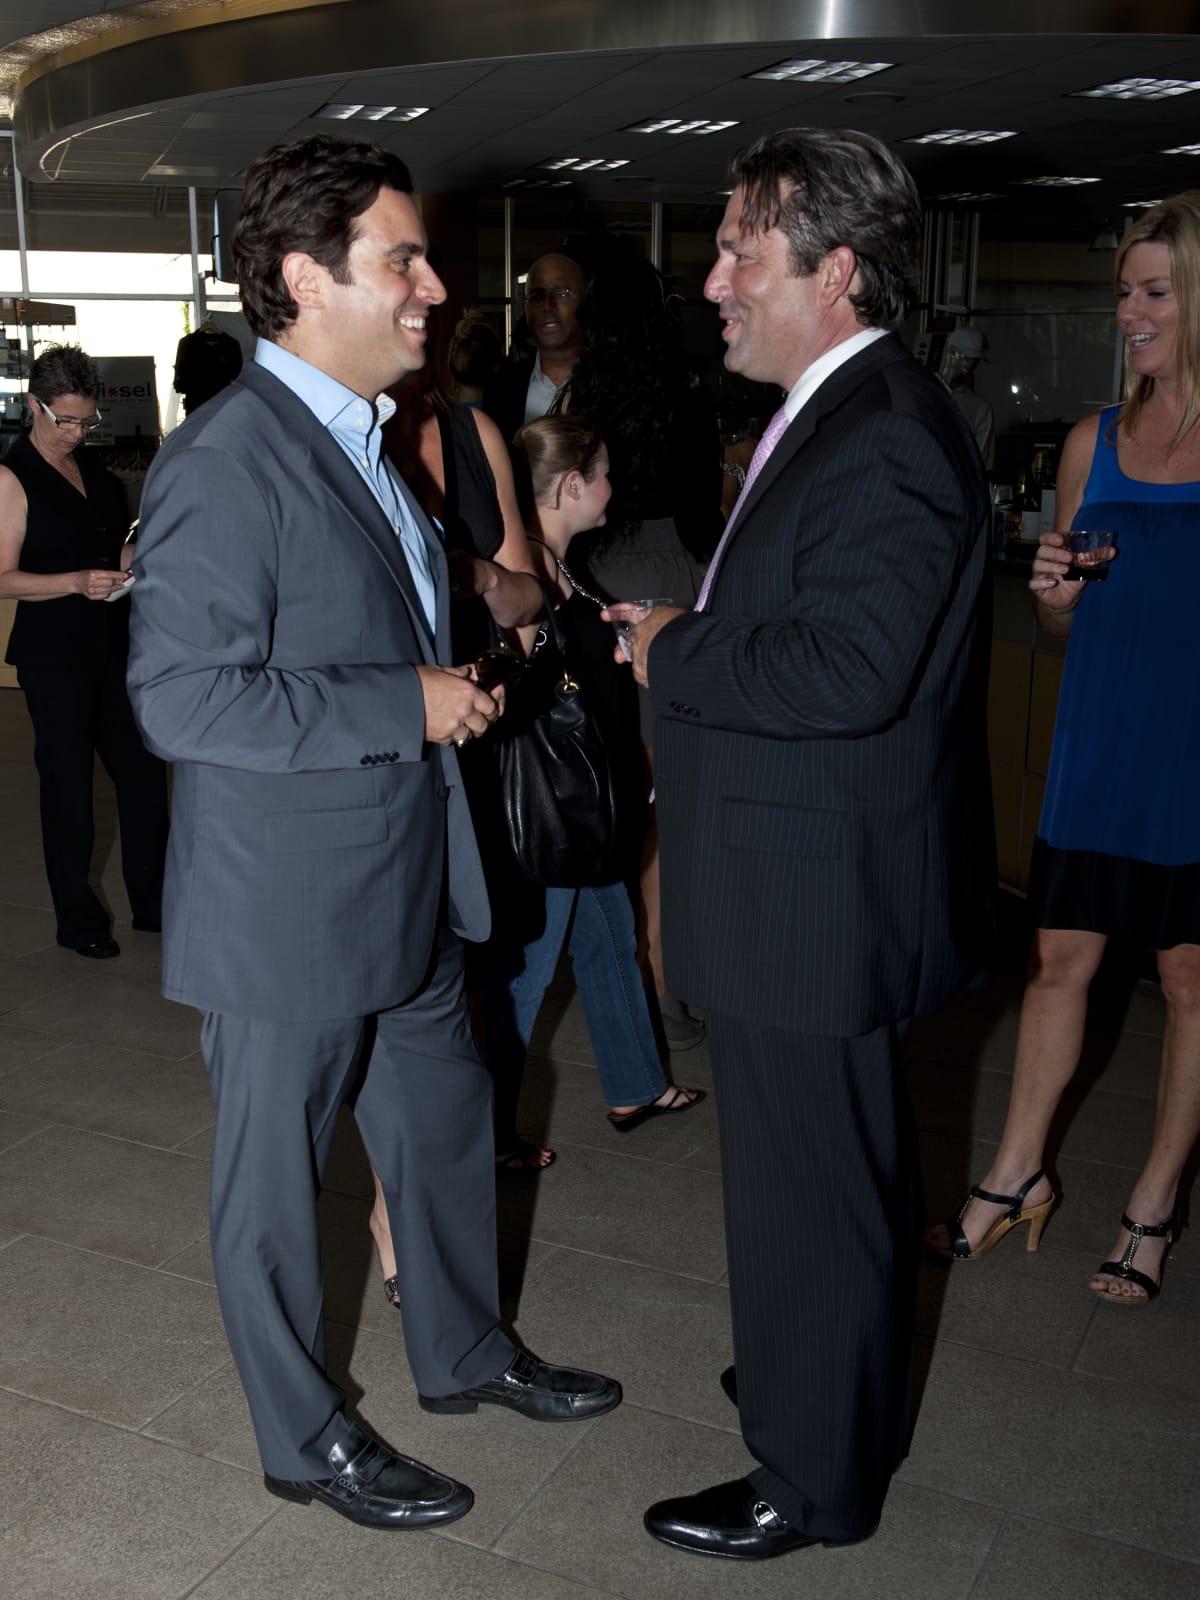 News_Ballet Barre_Sam Governale_Jared Lang, June 2011